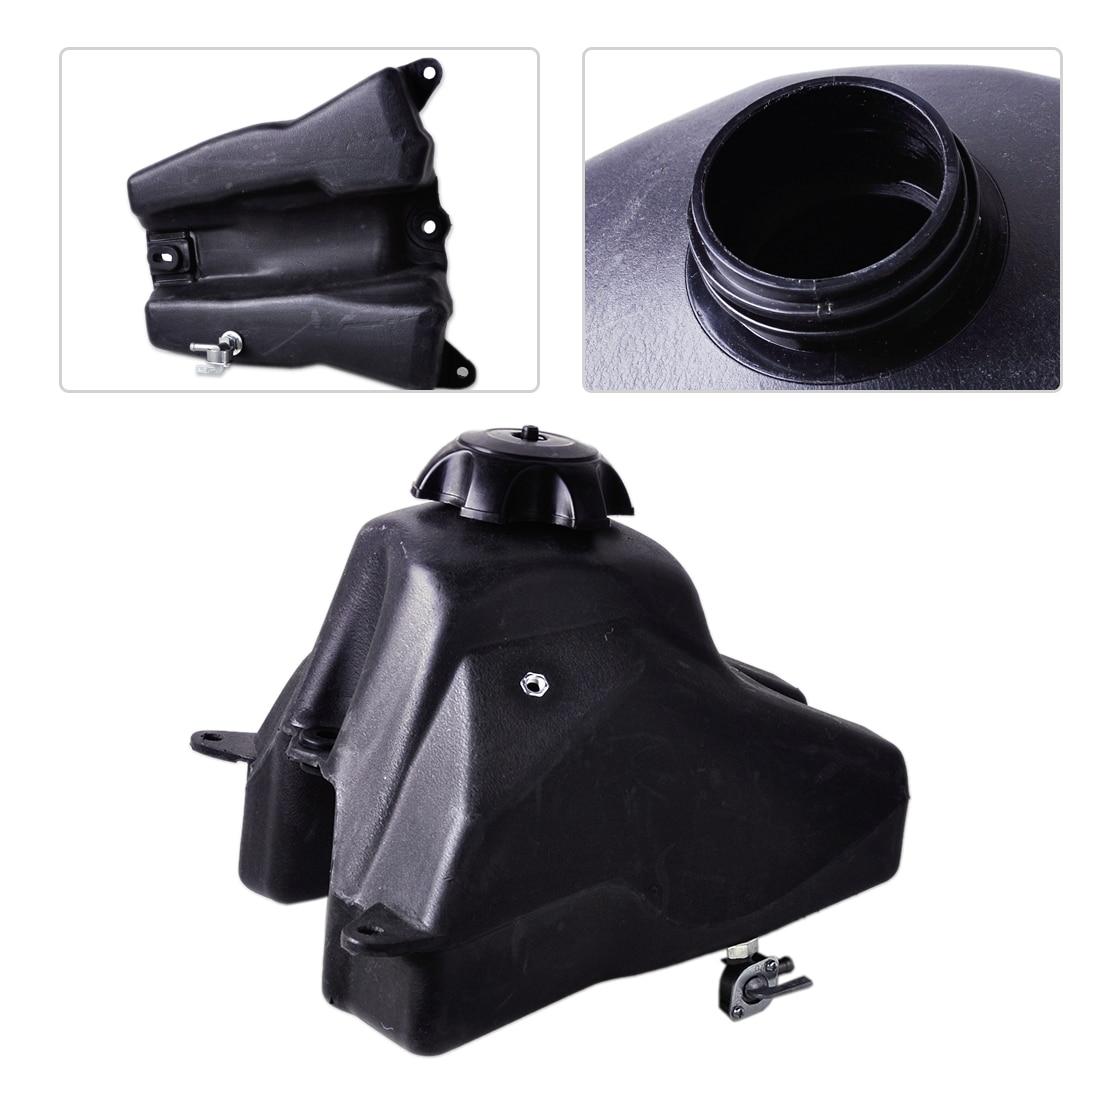 1 PC de dep/ósito de gasolina para Honda XR50R 2000-2004 CRF50F 2004-2015 para Dirt Pit Bike. Dep/ósito de gasolina